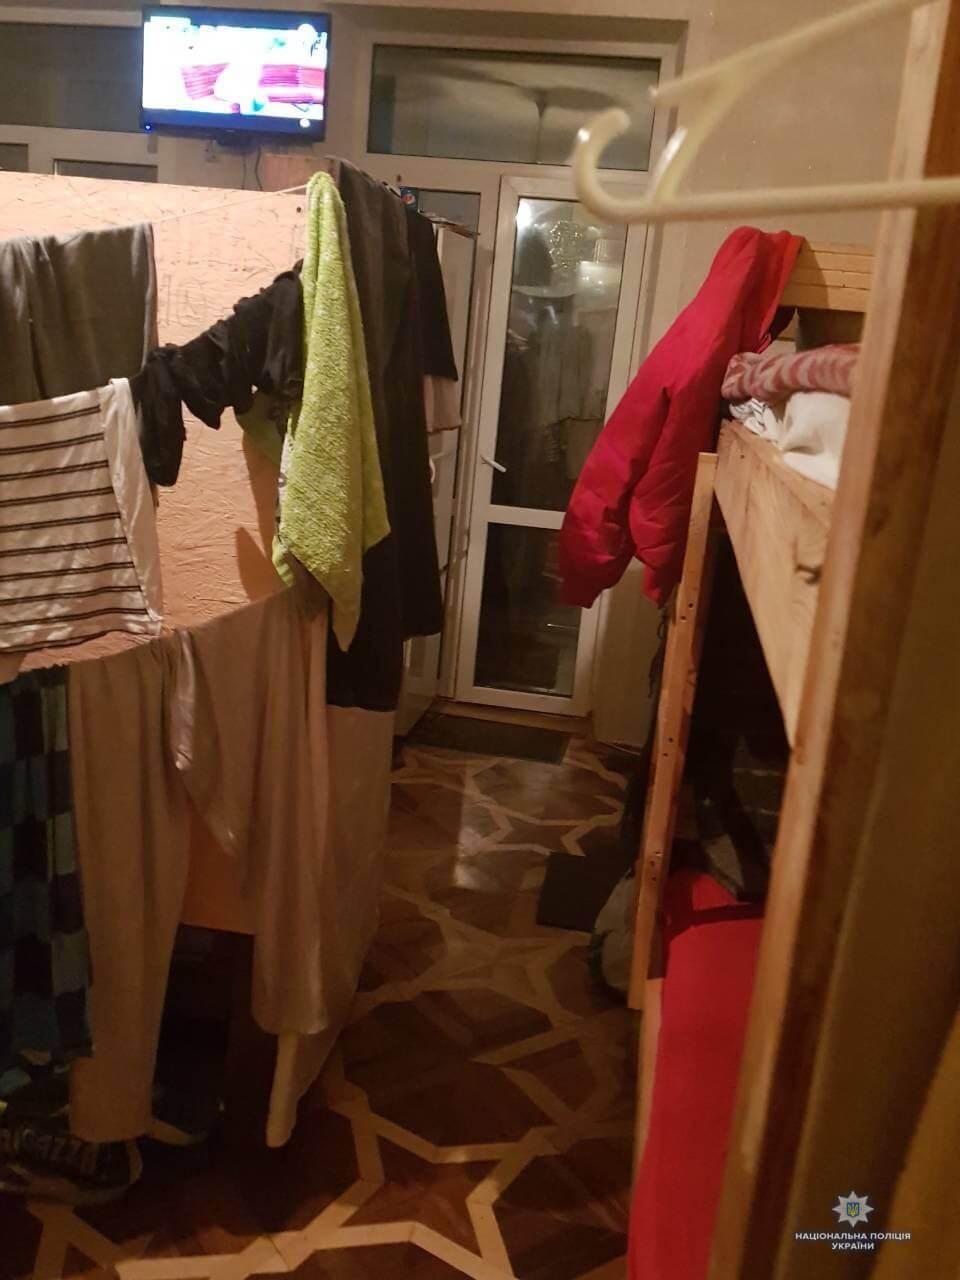 """Зникла на 1,5 місяці: горе-мати з """"ЛНР"""" кинула дитину в хостелі Києва"""